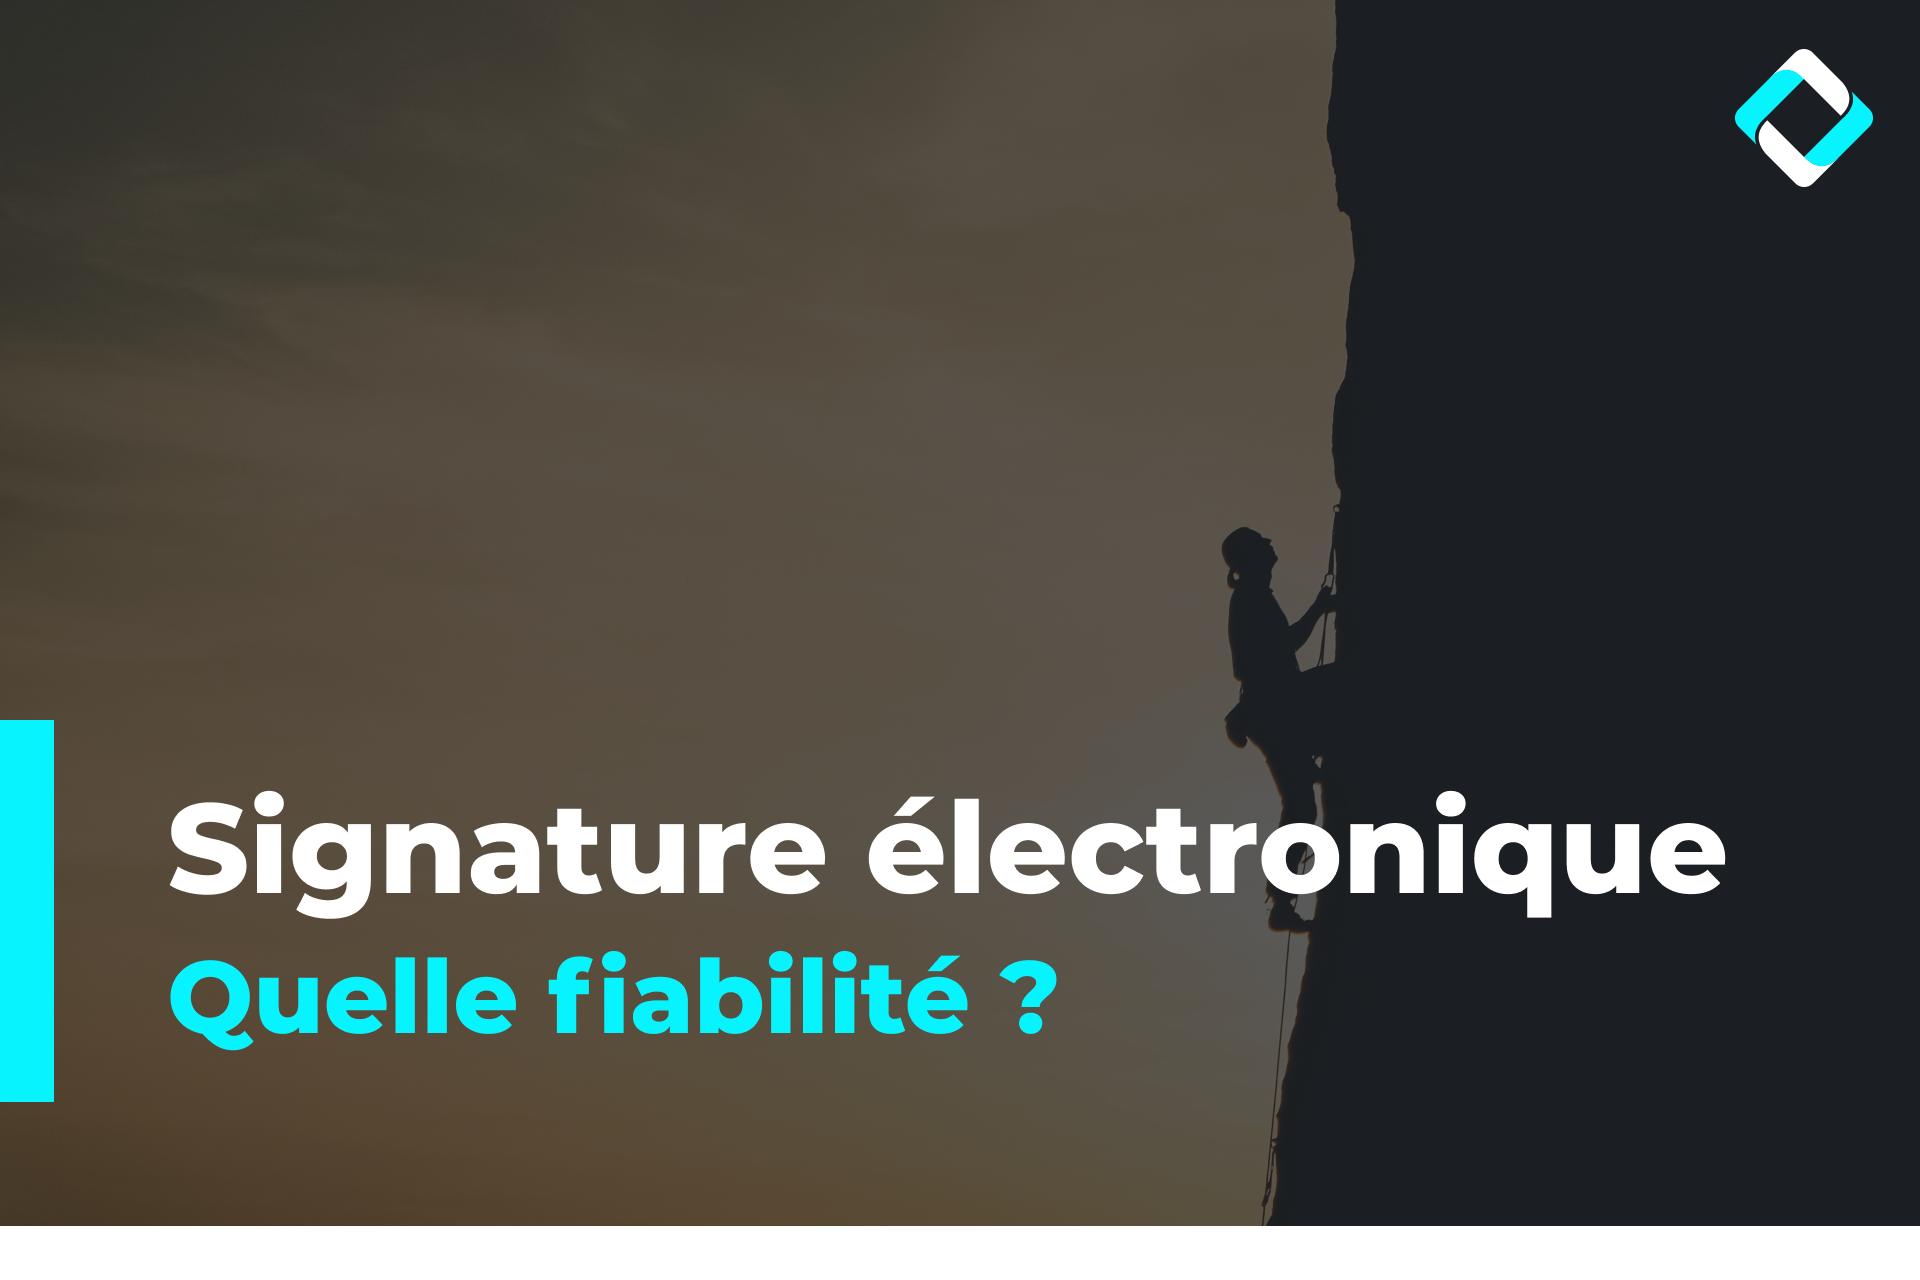 Signature électronique - quelle fiabilité ? En arrière plan une personne escalade une montagne